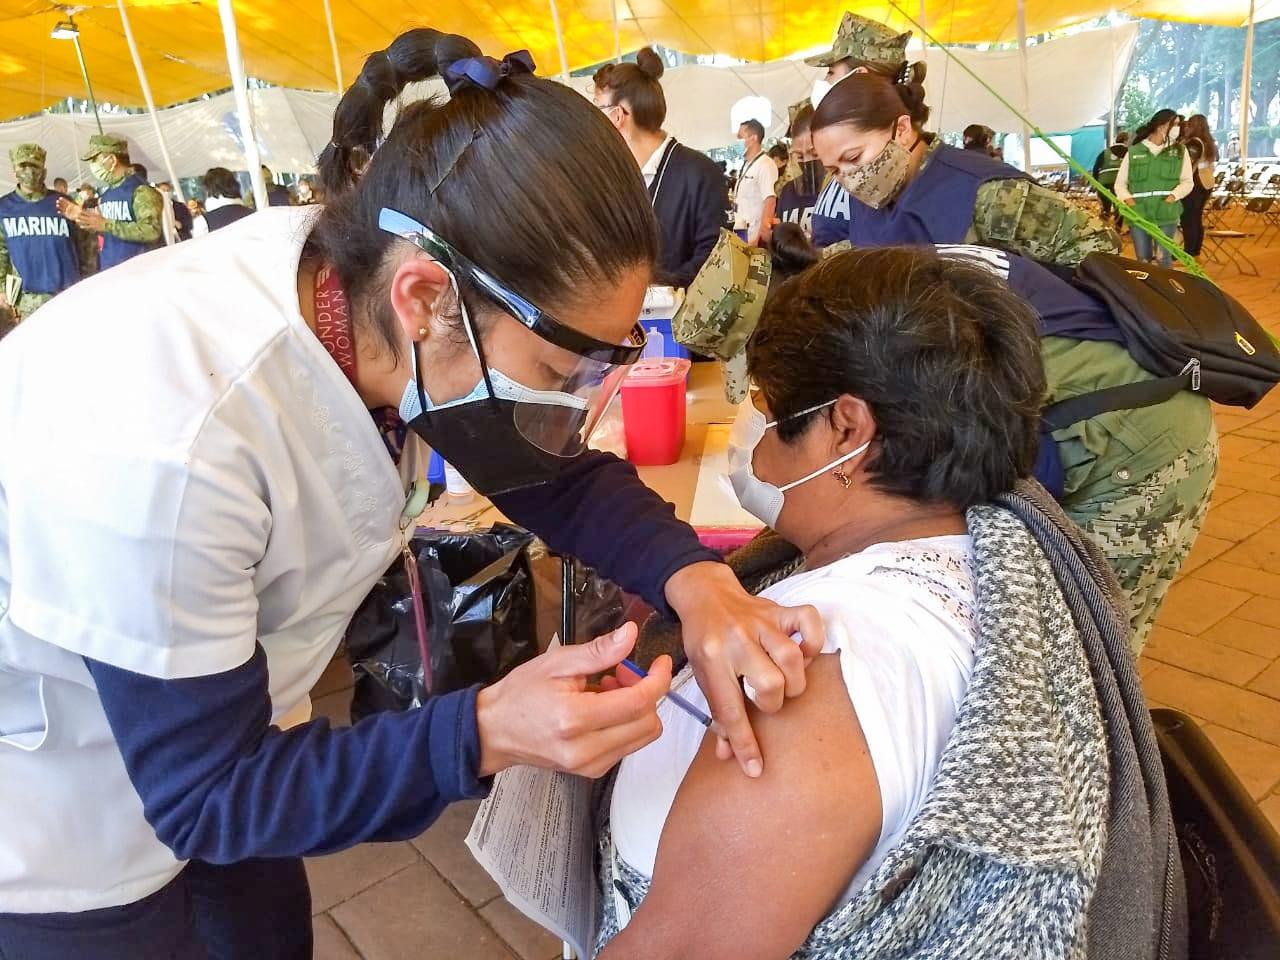 IP echará la mano para vacunación de adultos mayores en Toluca